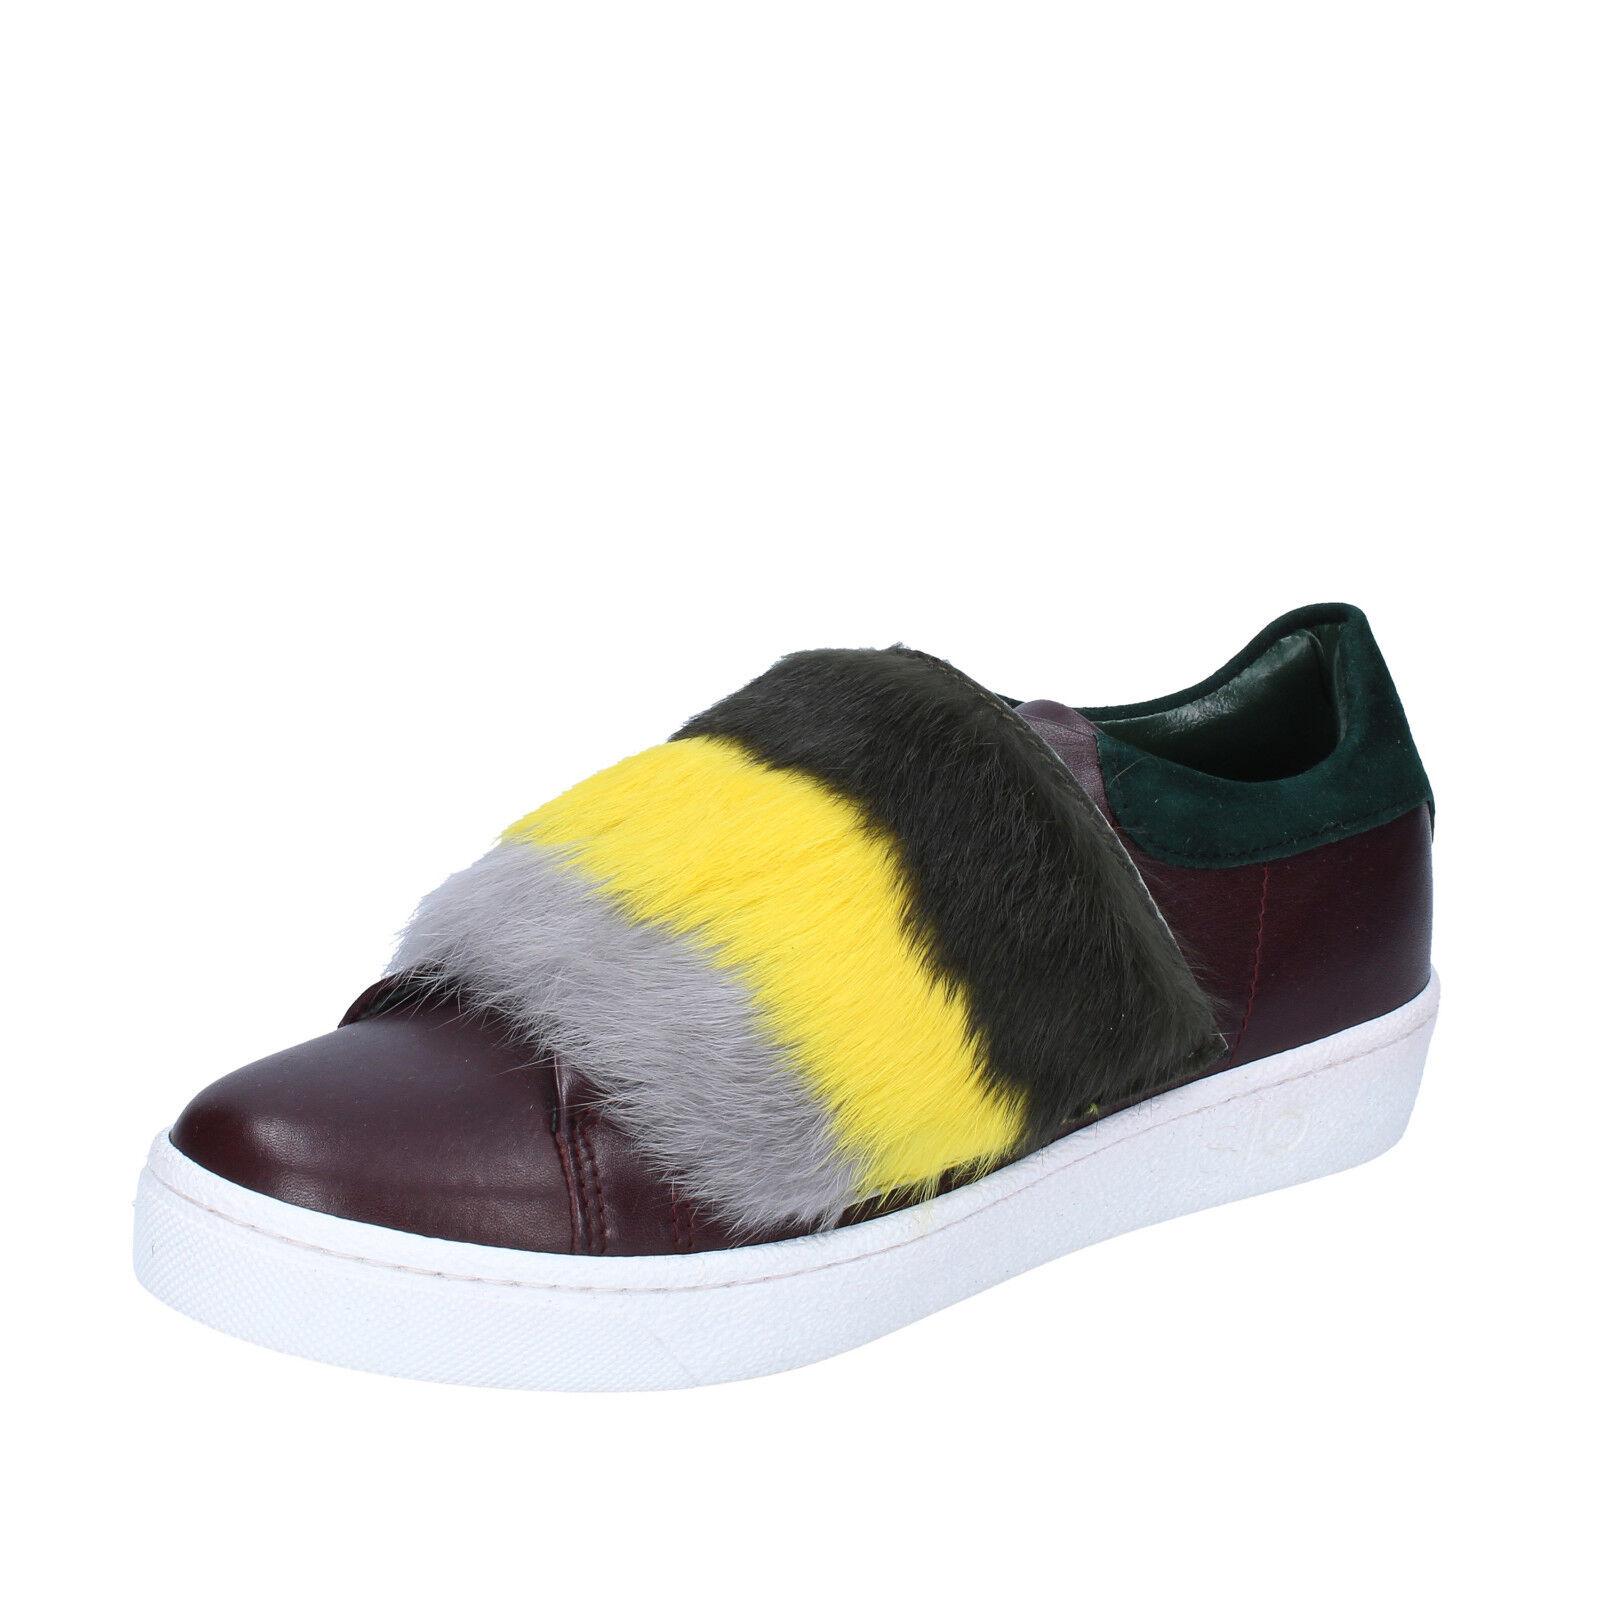 scarpe donna ISLO ISABELLA bordeaux LORUSSO 37 EU sneakers bordeaux ISABELLA verde pelle BZ212-C 24d76a